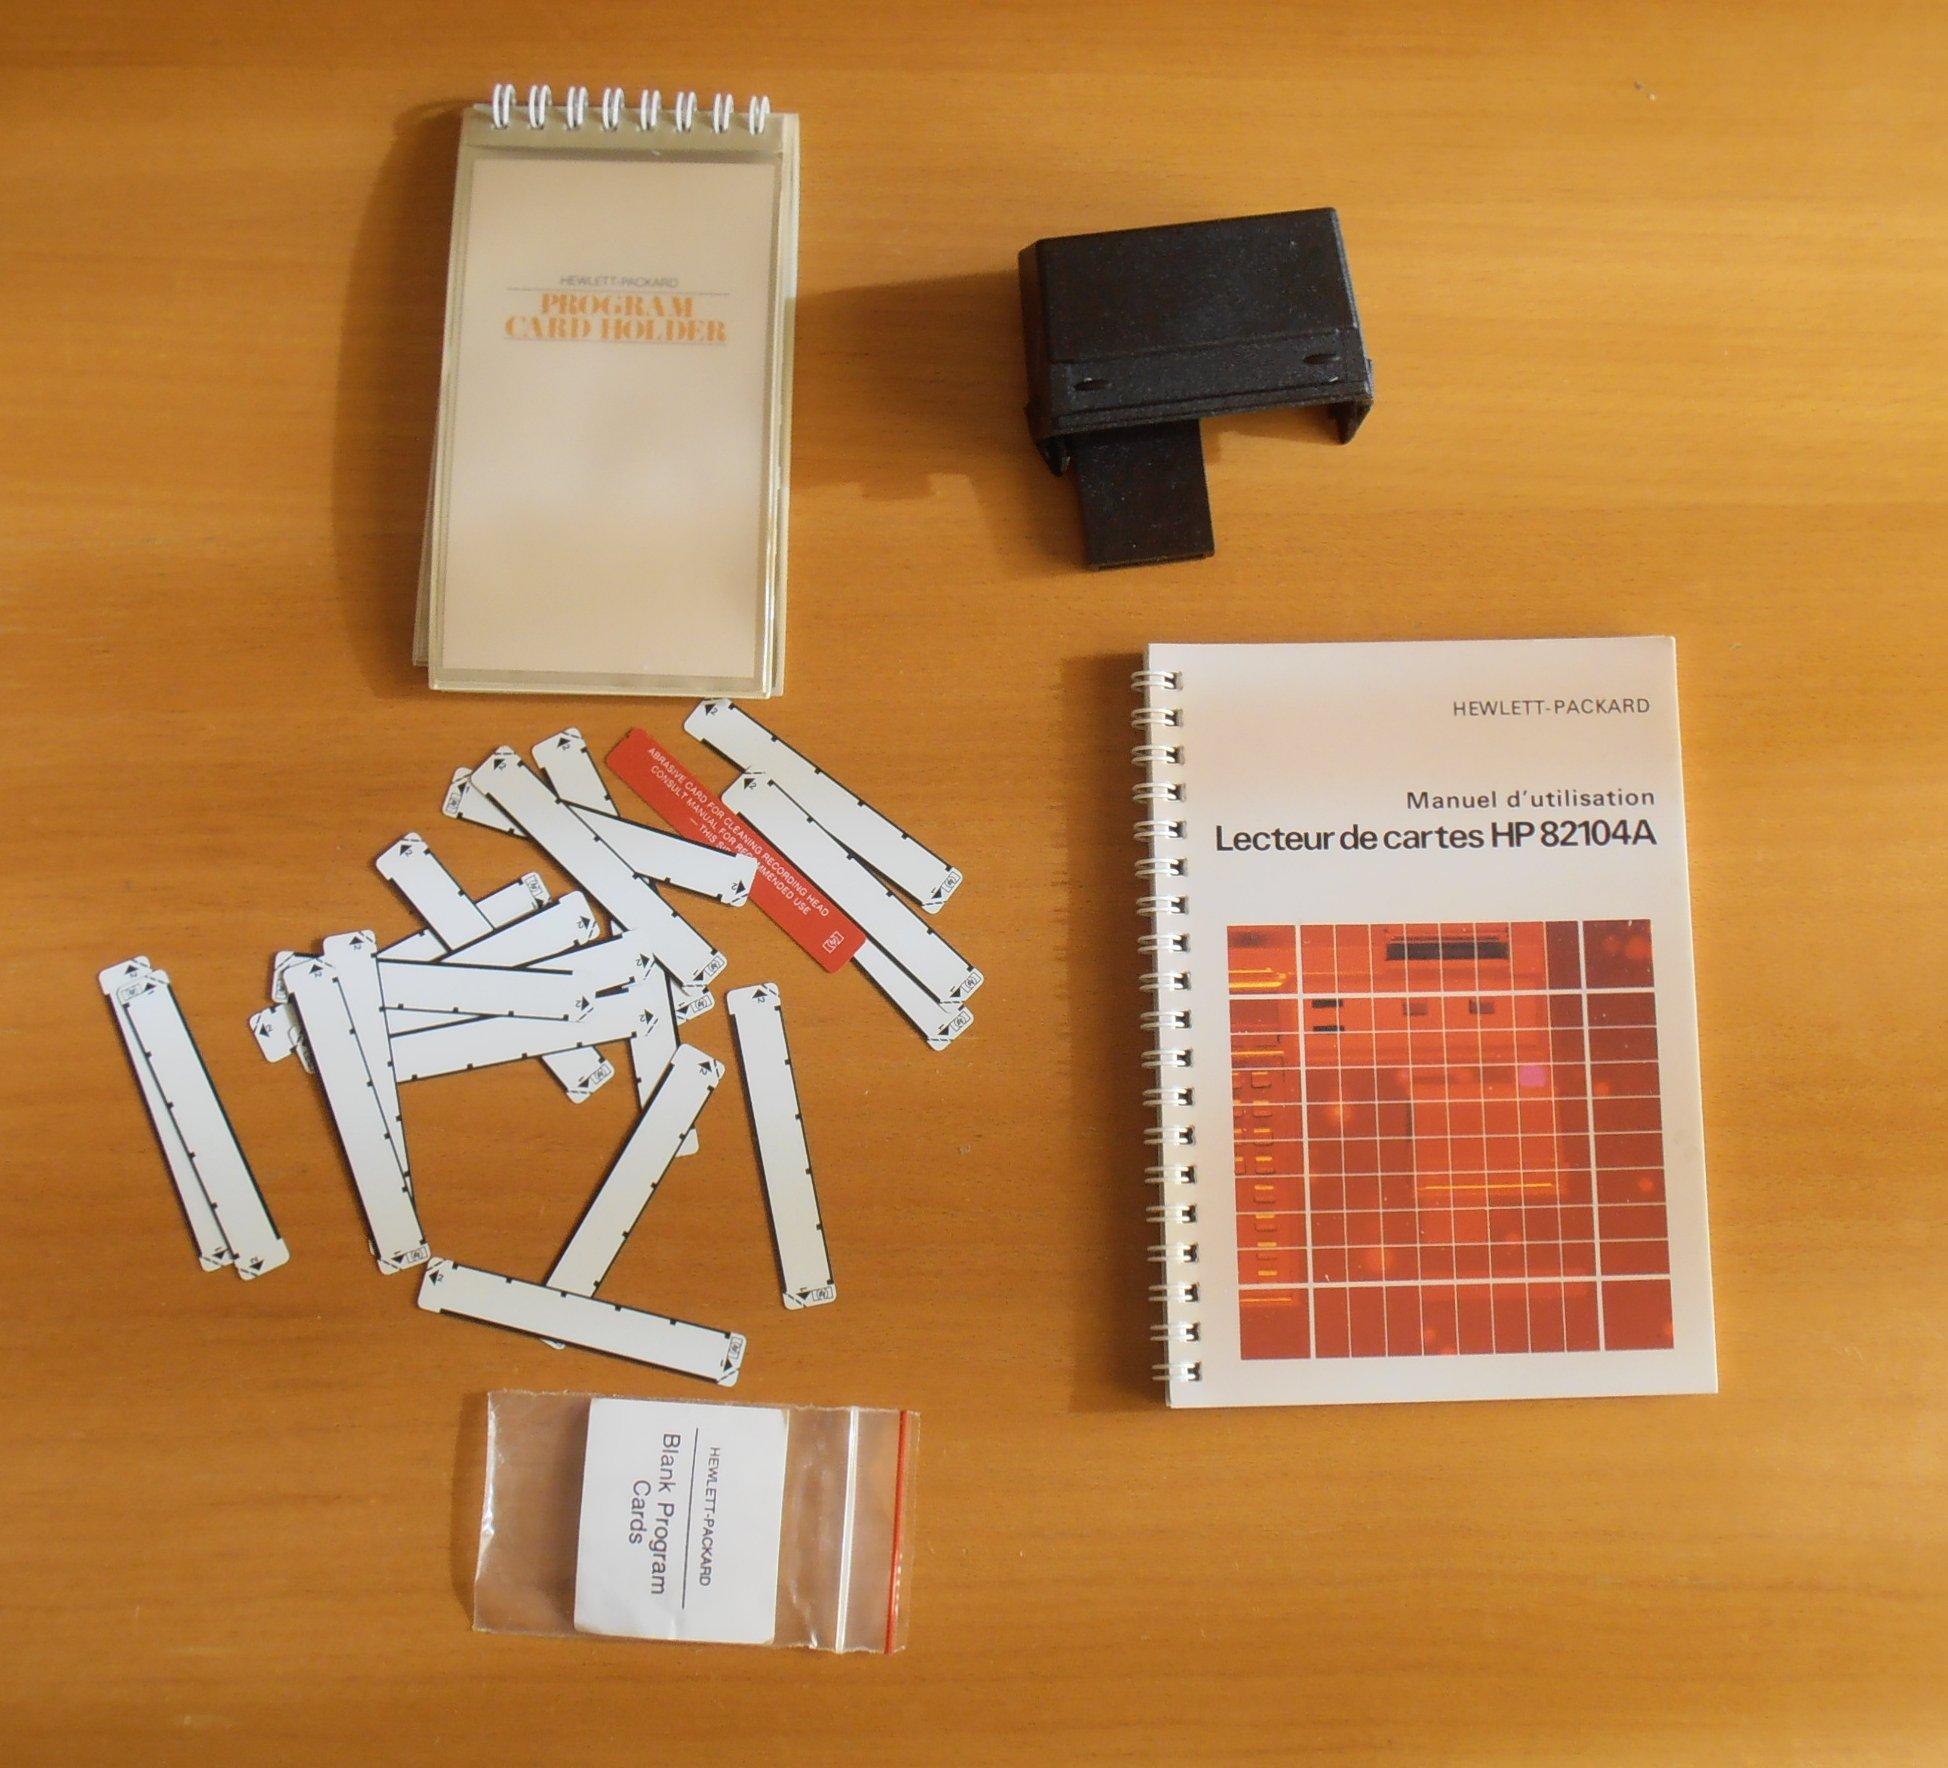 HP 41CV lecteur de cartes + cartes